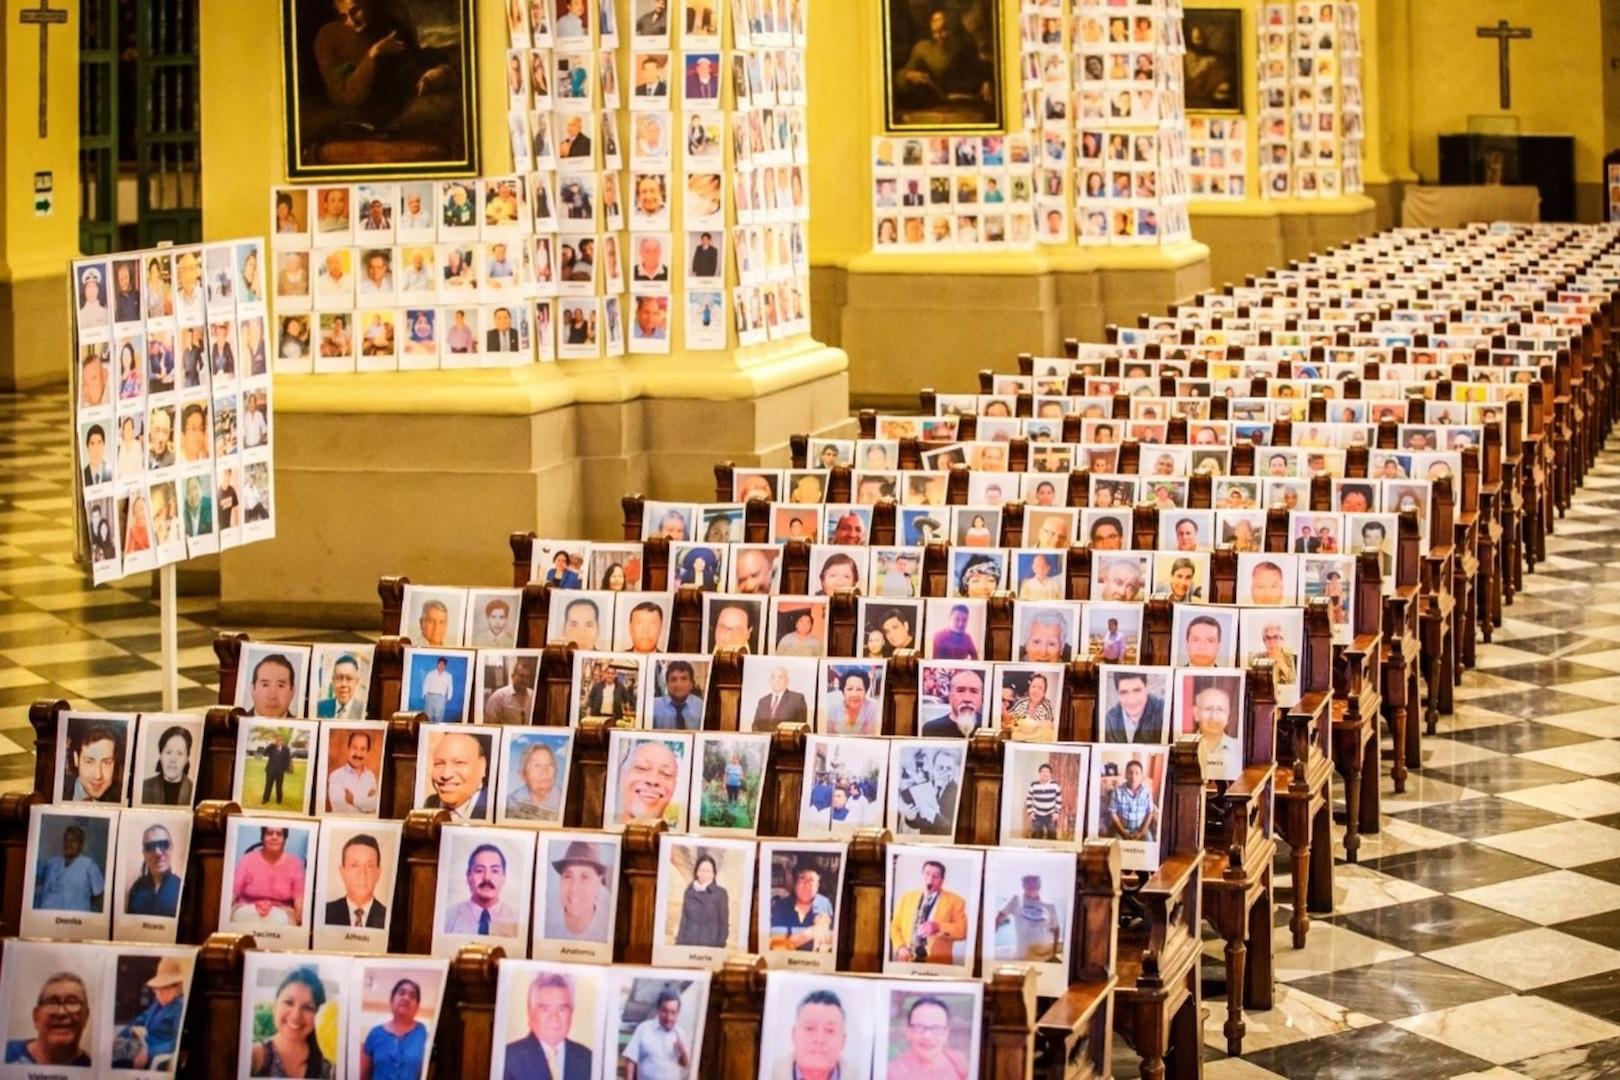 Retratos de 4.000 muertos por virus presentes en misa — Perú